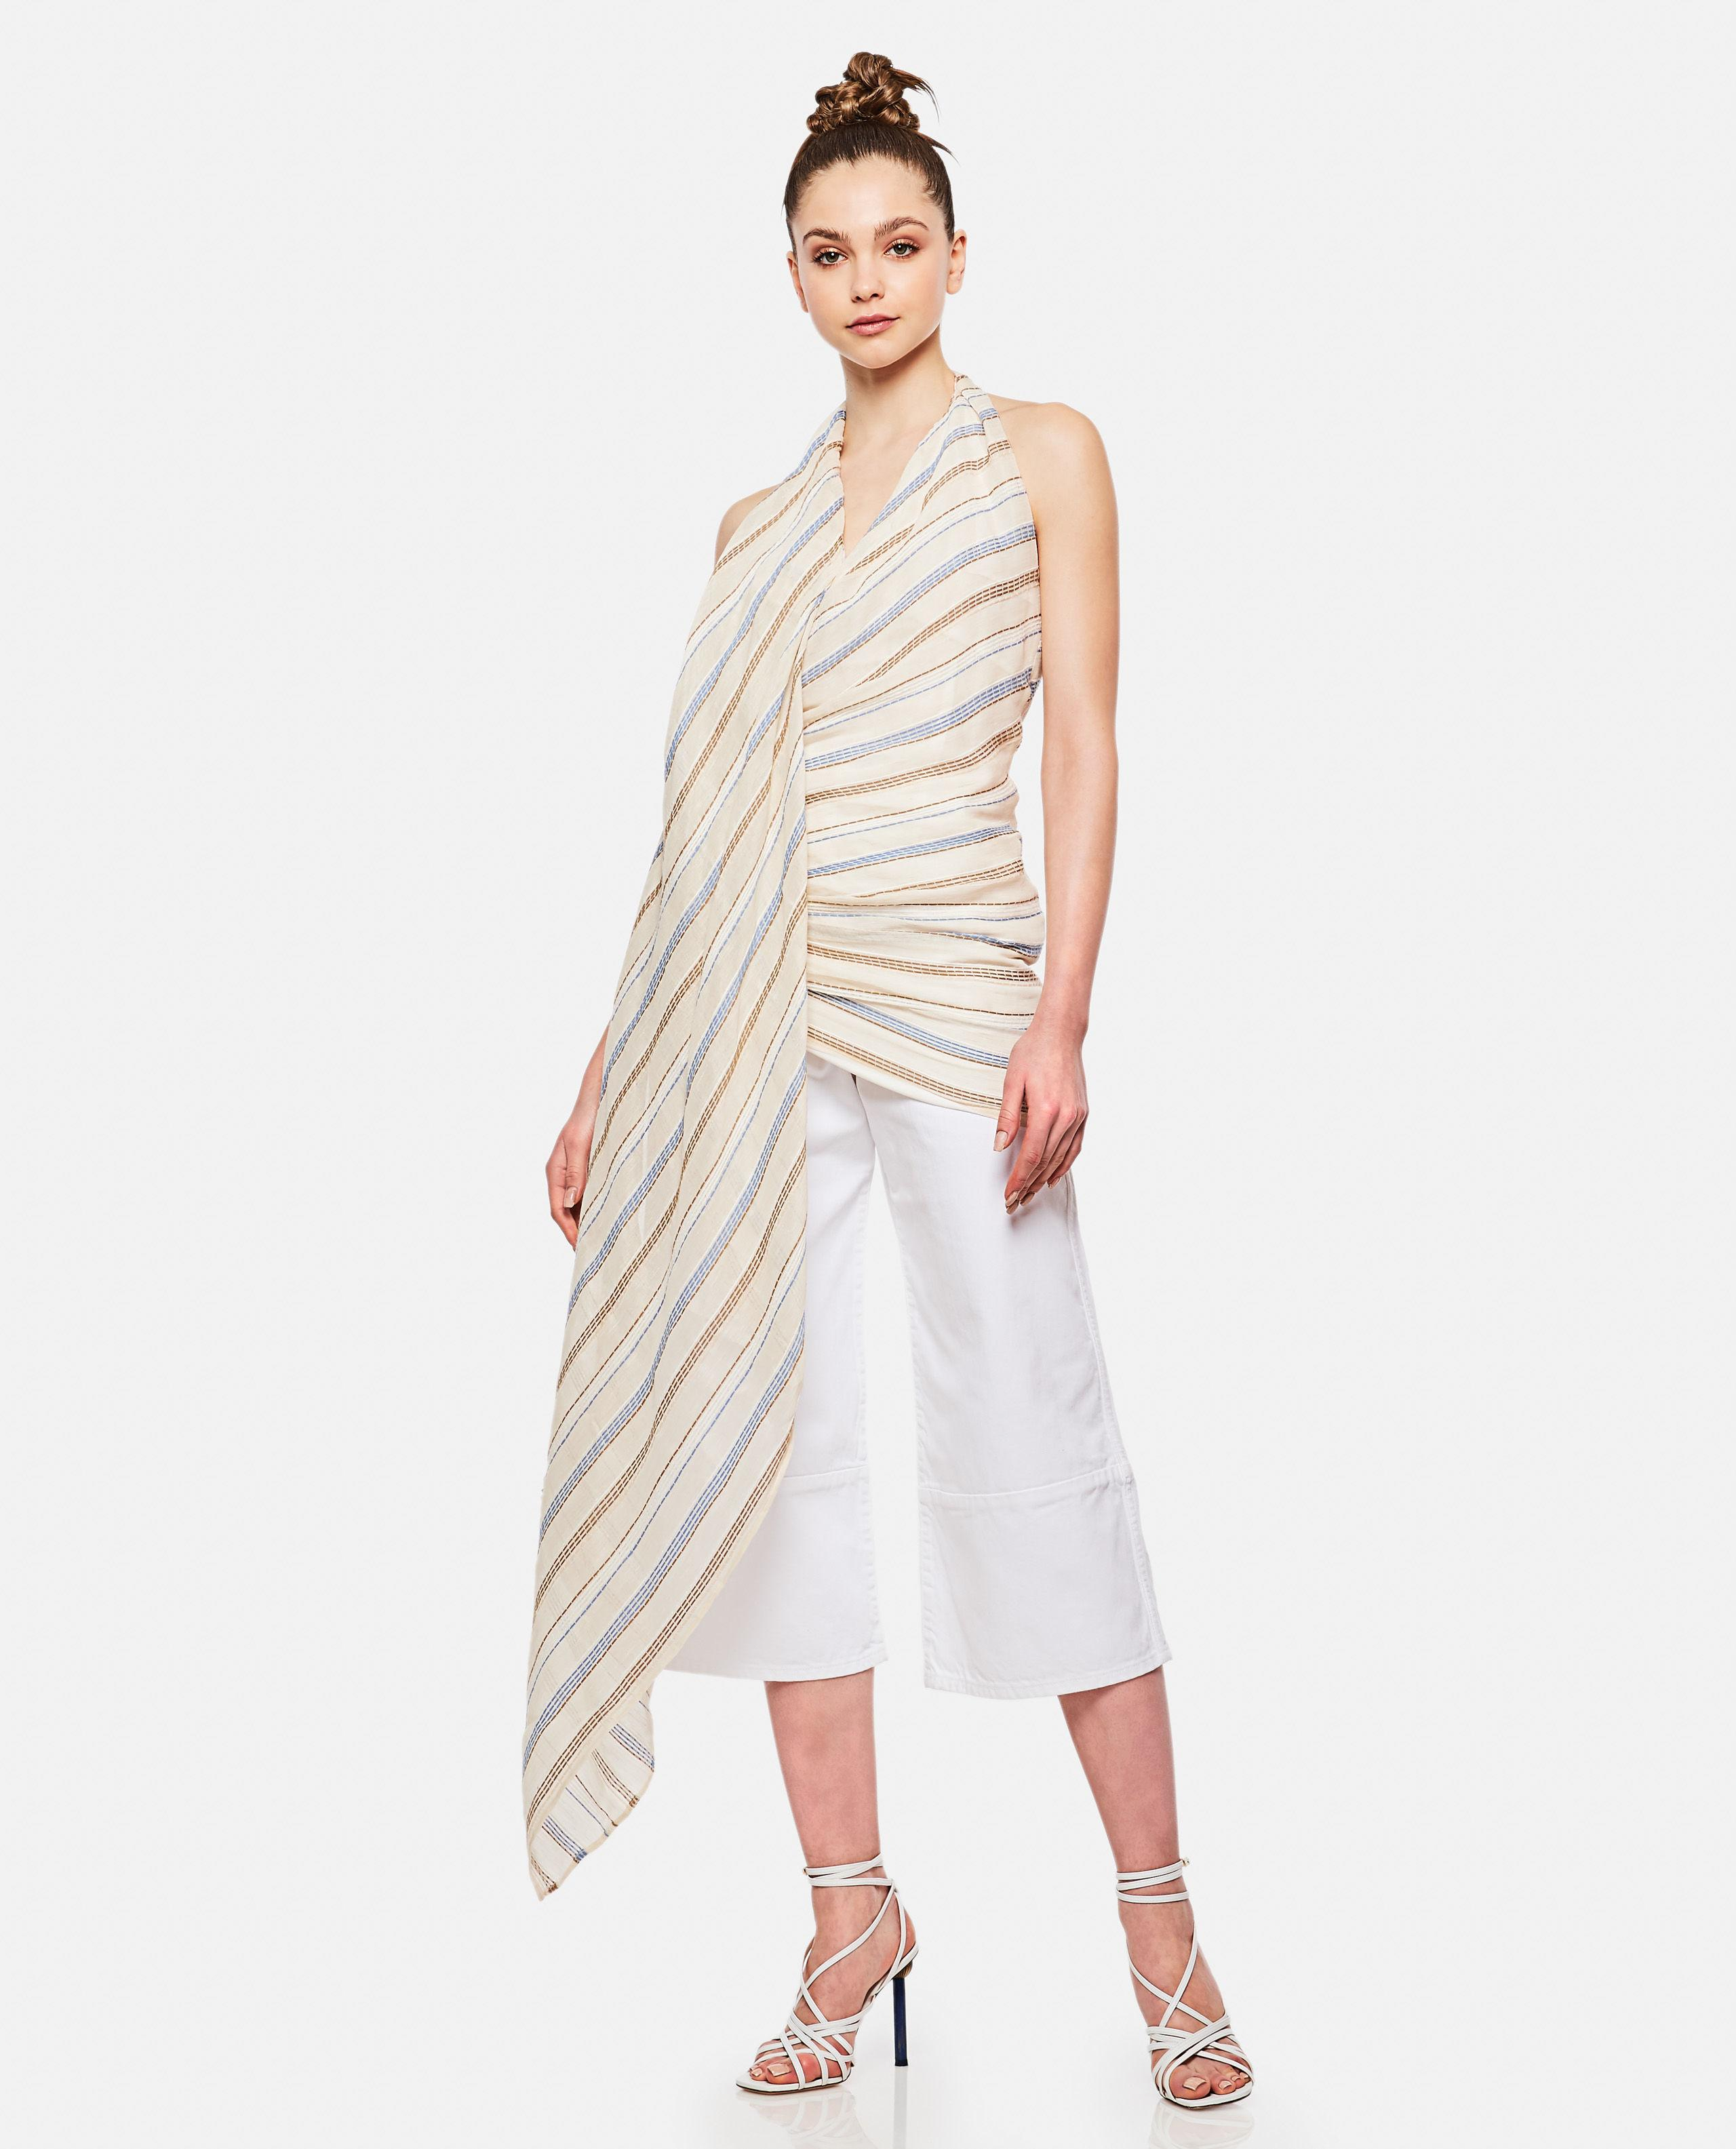 0d1b5841ec0 Lyst - Jacquemus Spezia Dress in Natural